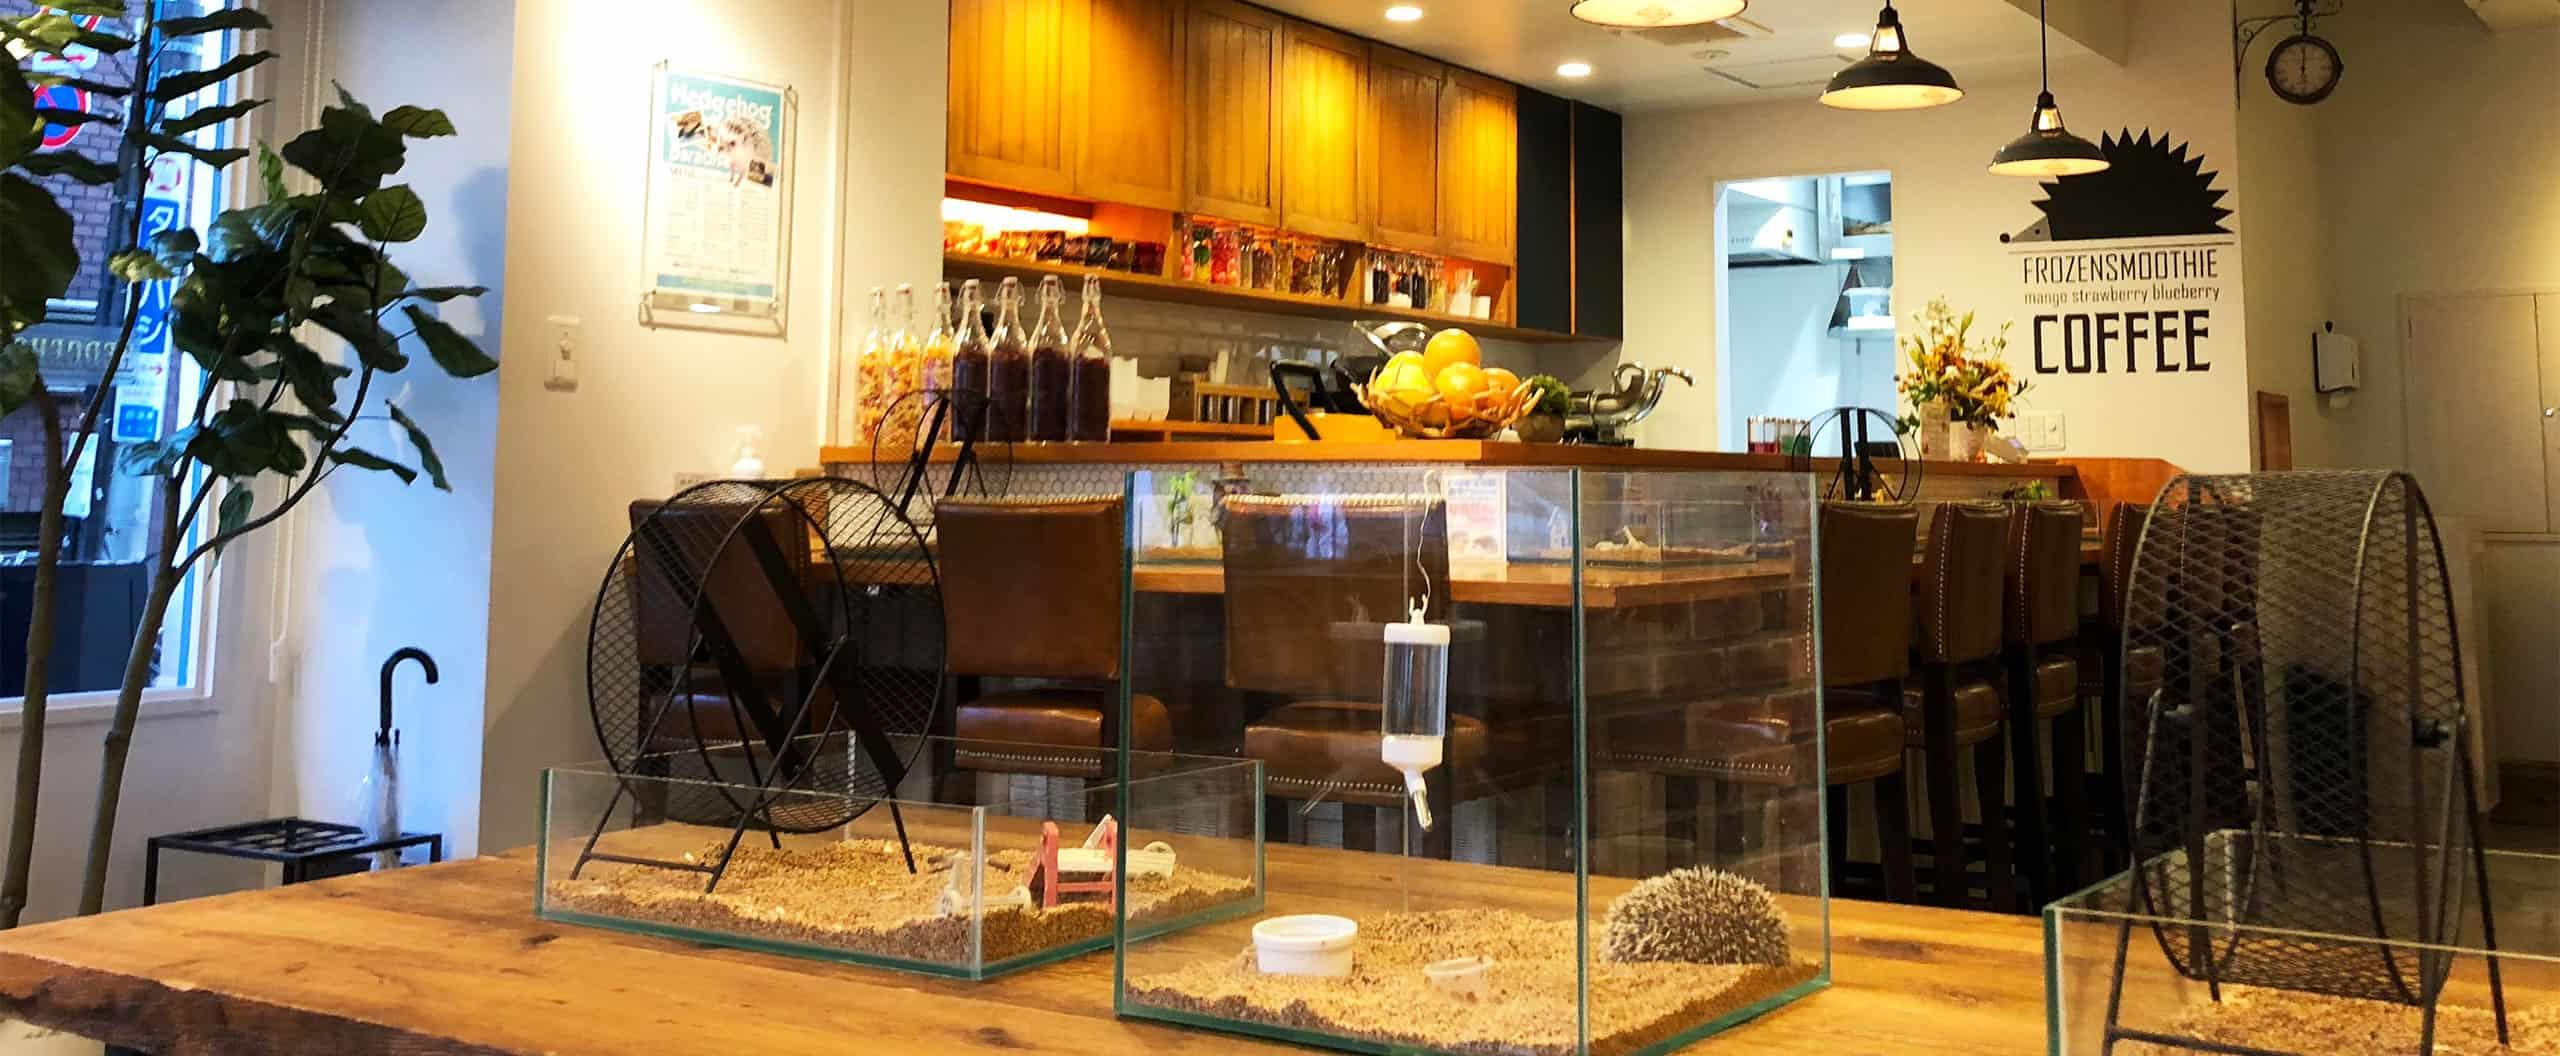 คาเฟ่เม่นแคระ (Hedgehog Cafe) ในโตเกียว : Harinezumi Paradise